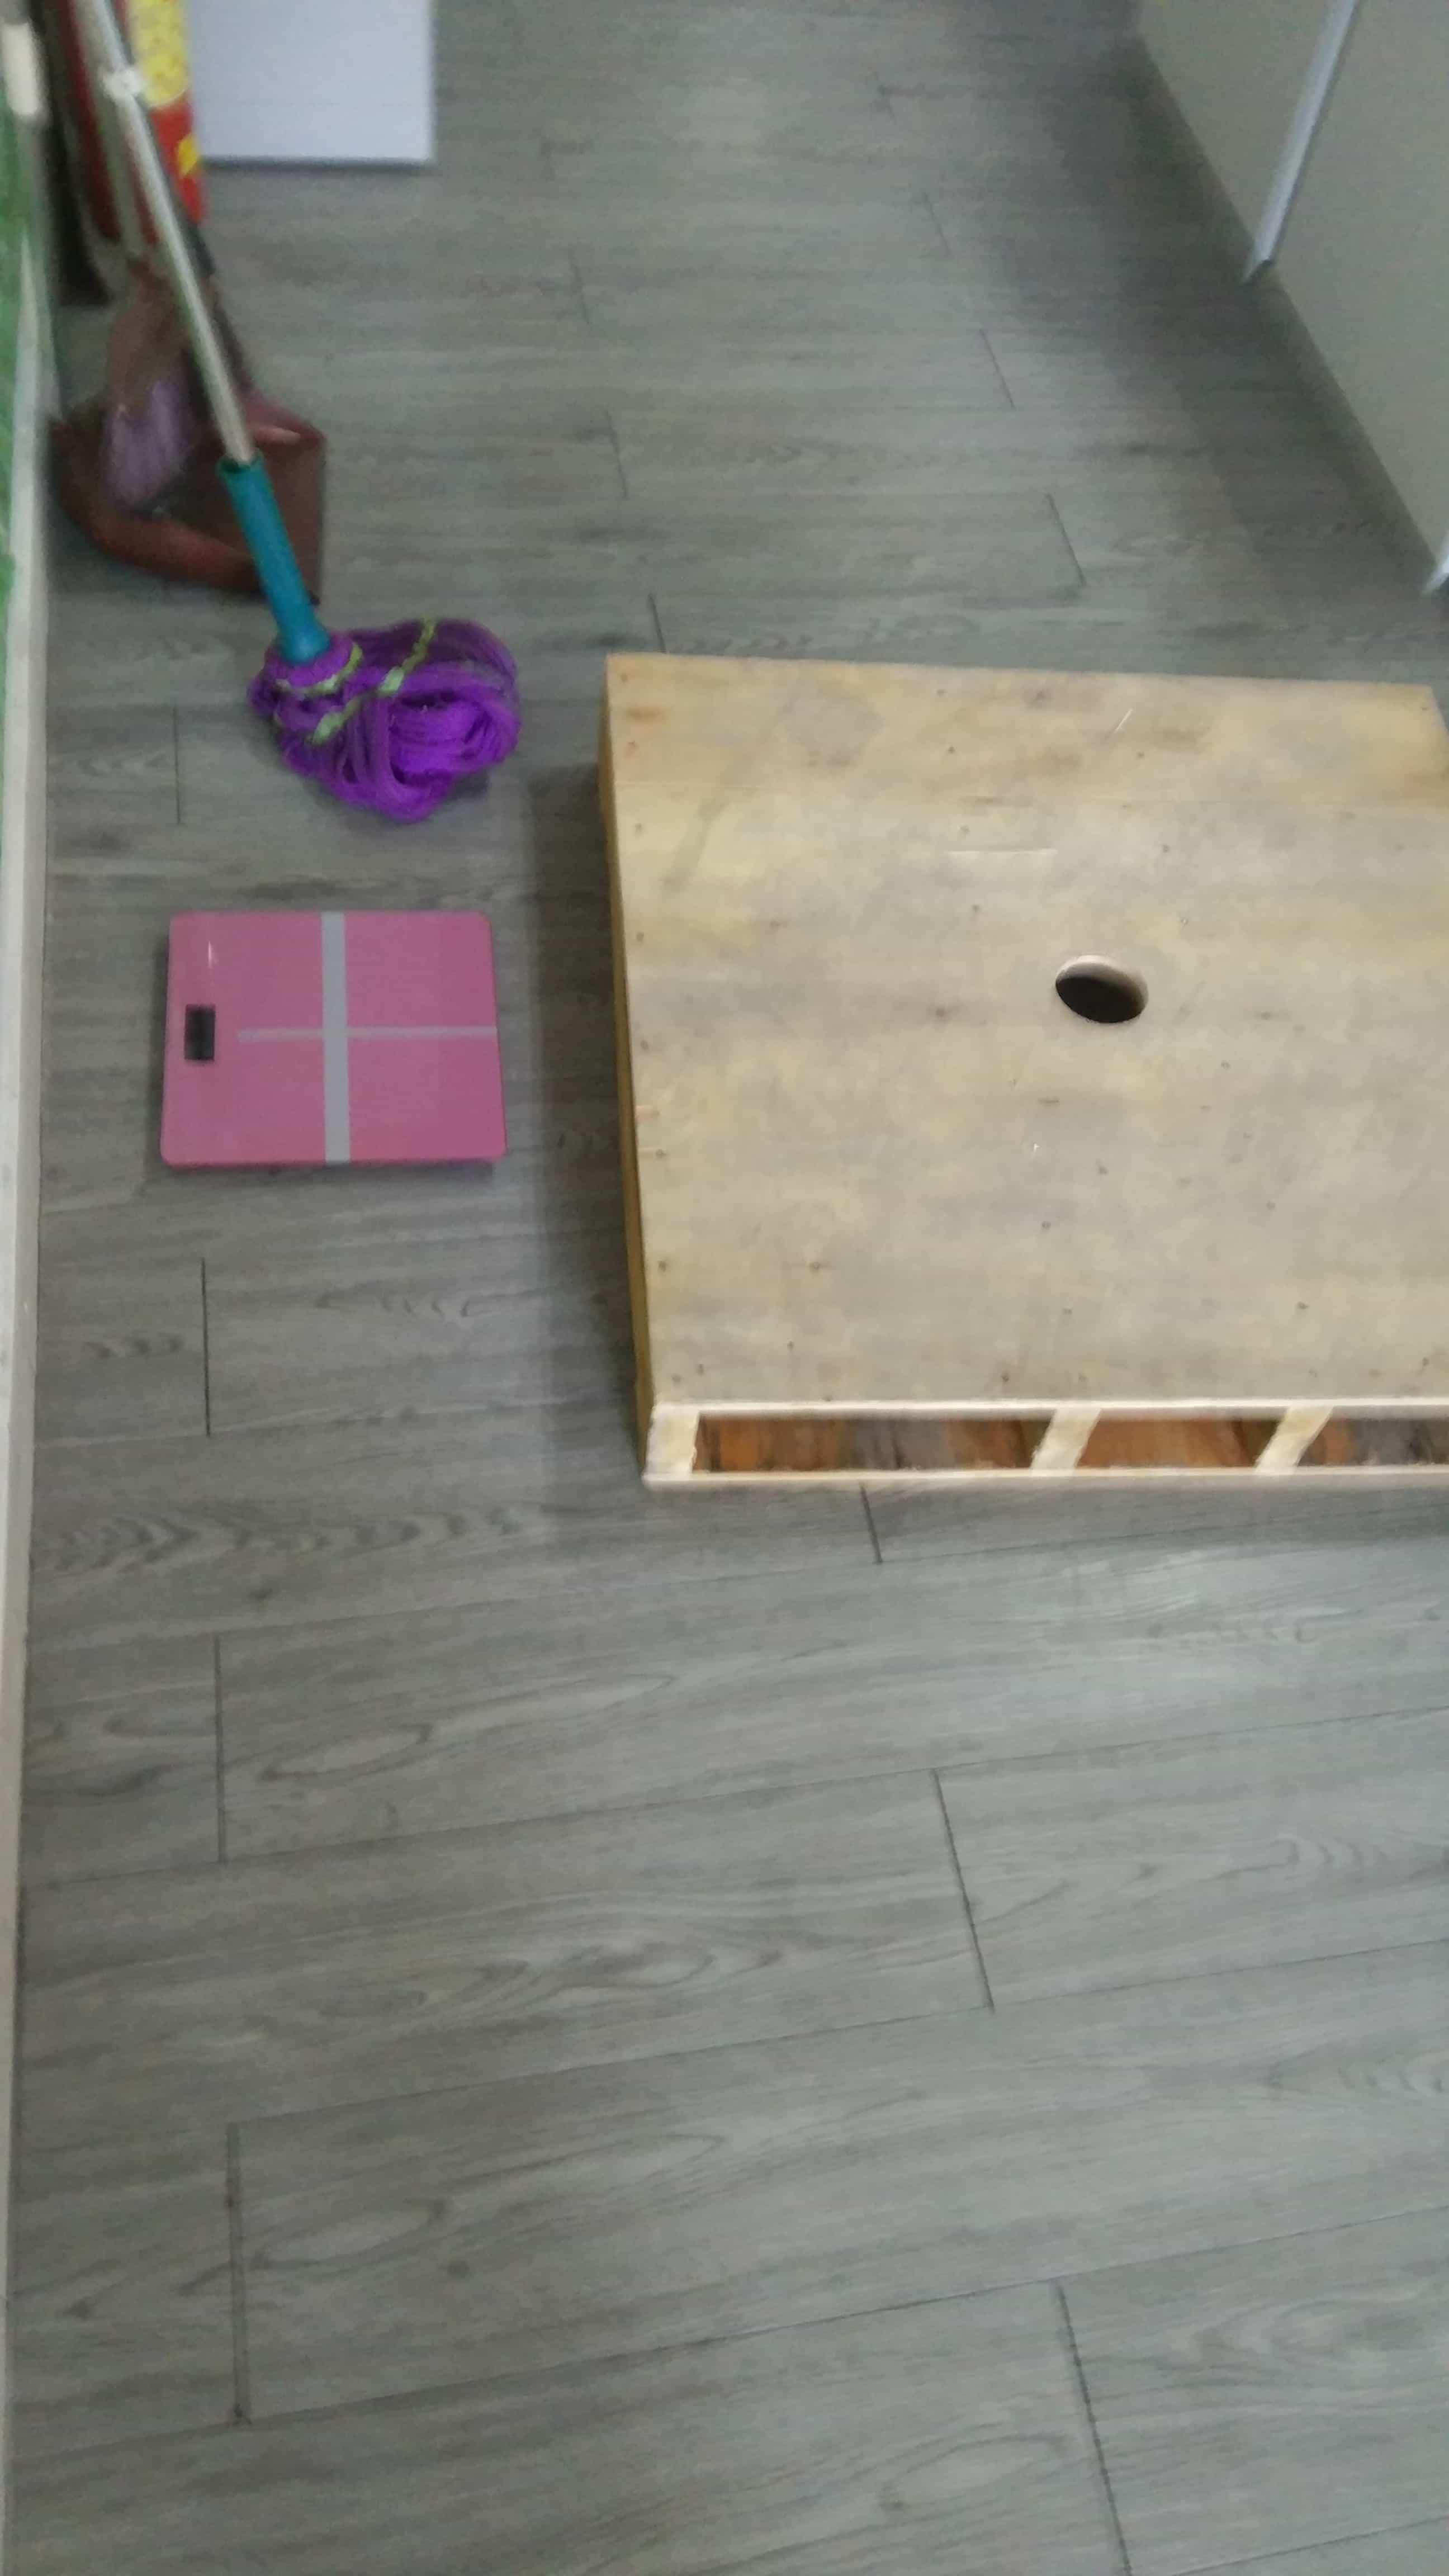 松木木托盘-松木木托盘批发、促销价�,▏≊⇡◊◂、产地货源